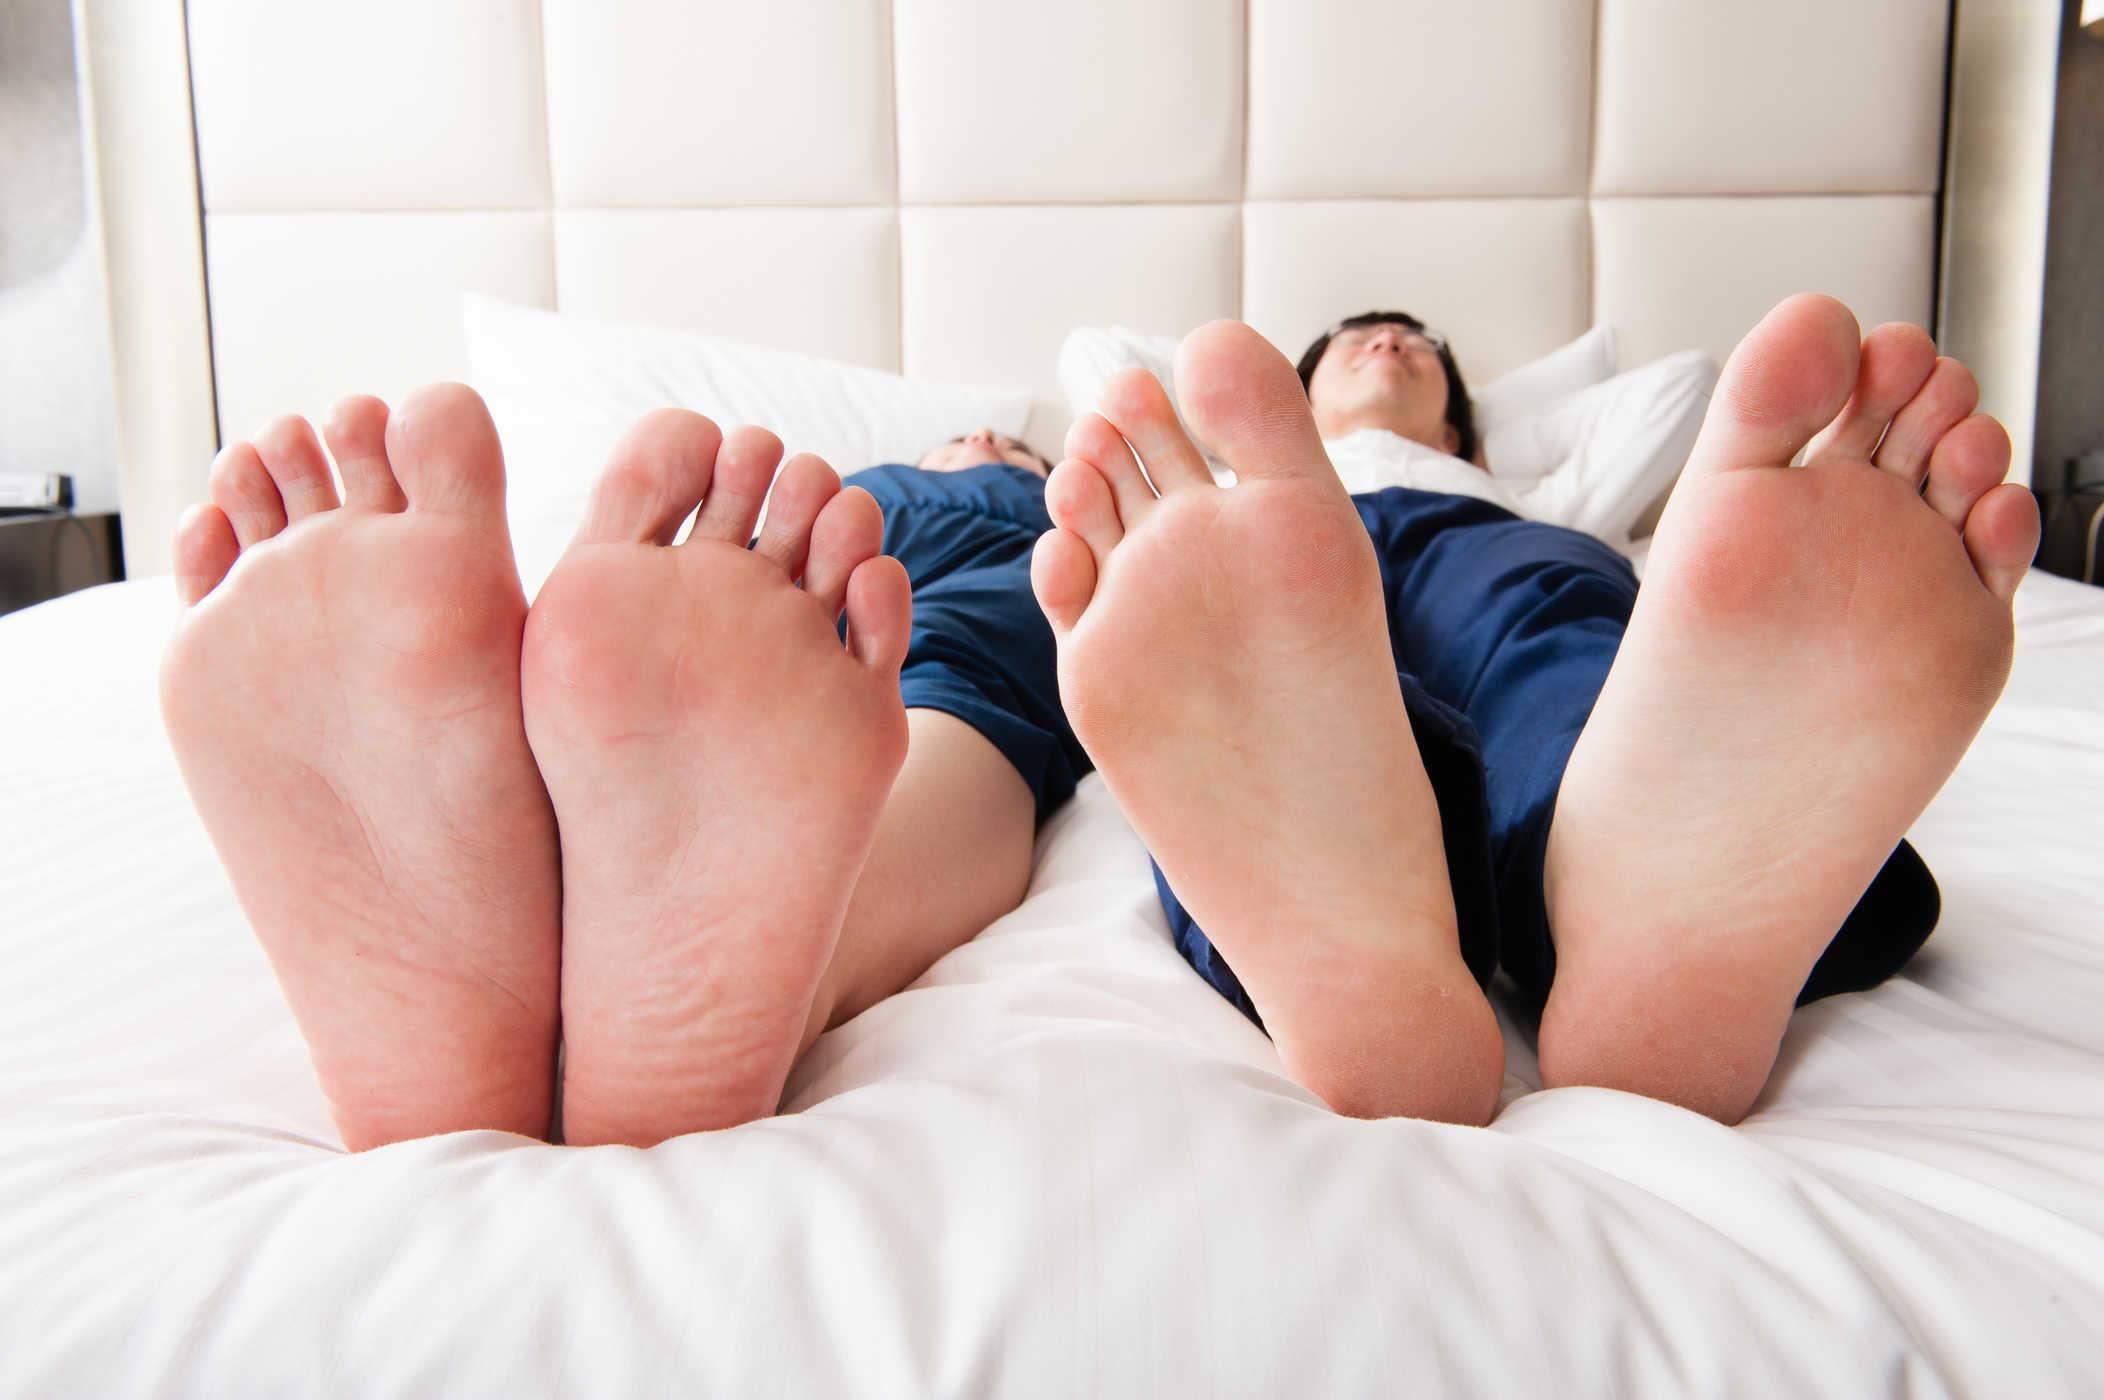 Đàn ông muốn thành đạt, đừng để vợ phải loay hoay một mình làm những điều này - Ảnh 4